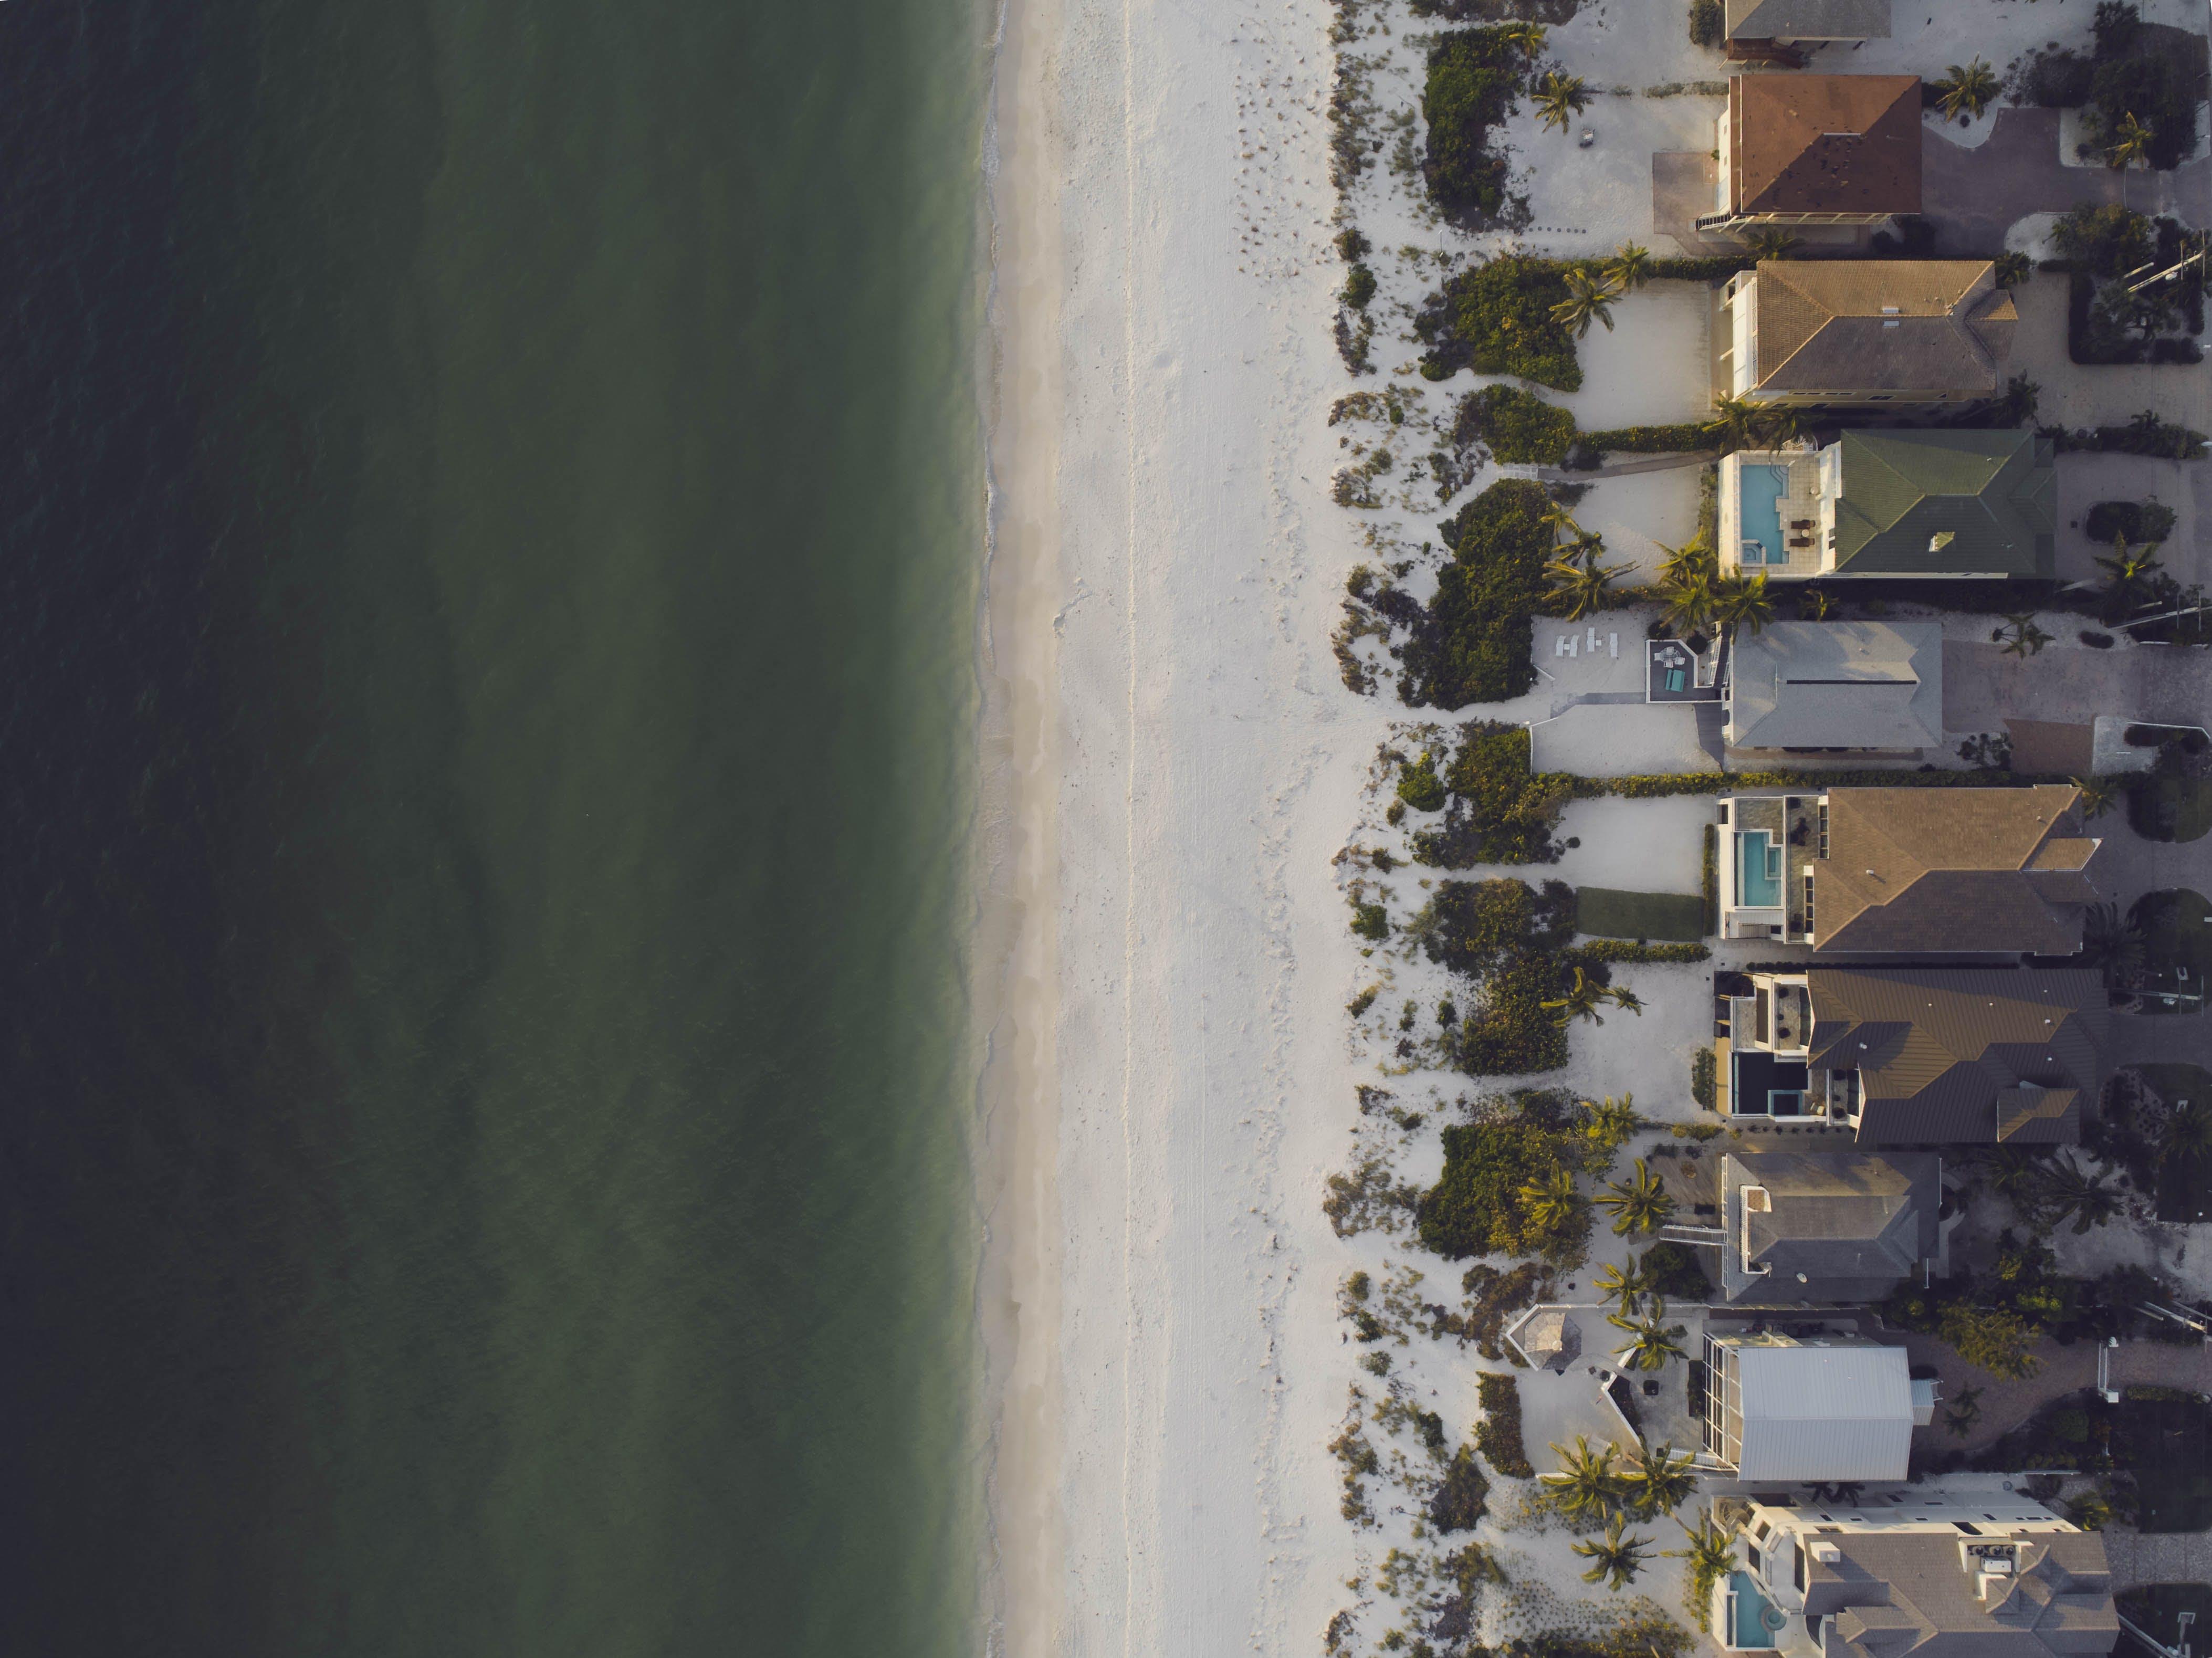 屋頂, 房子, 日光, 樹木 的 免費圖庫相片